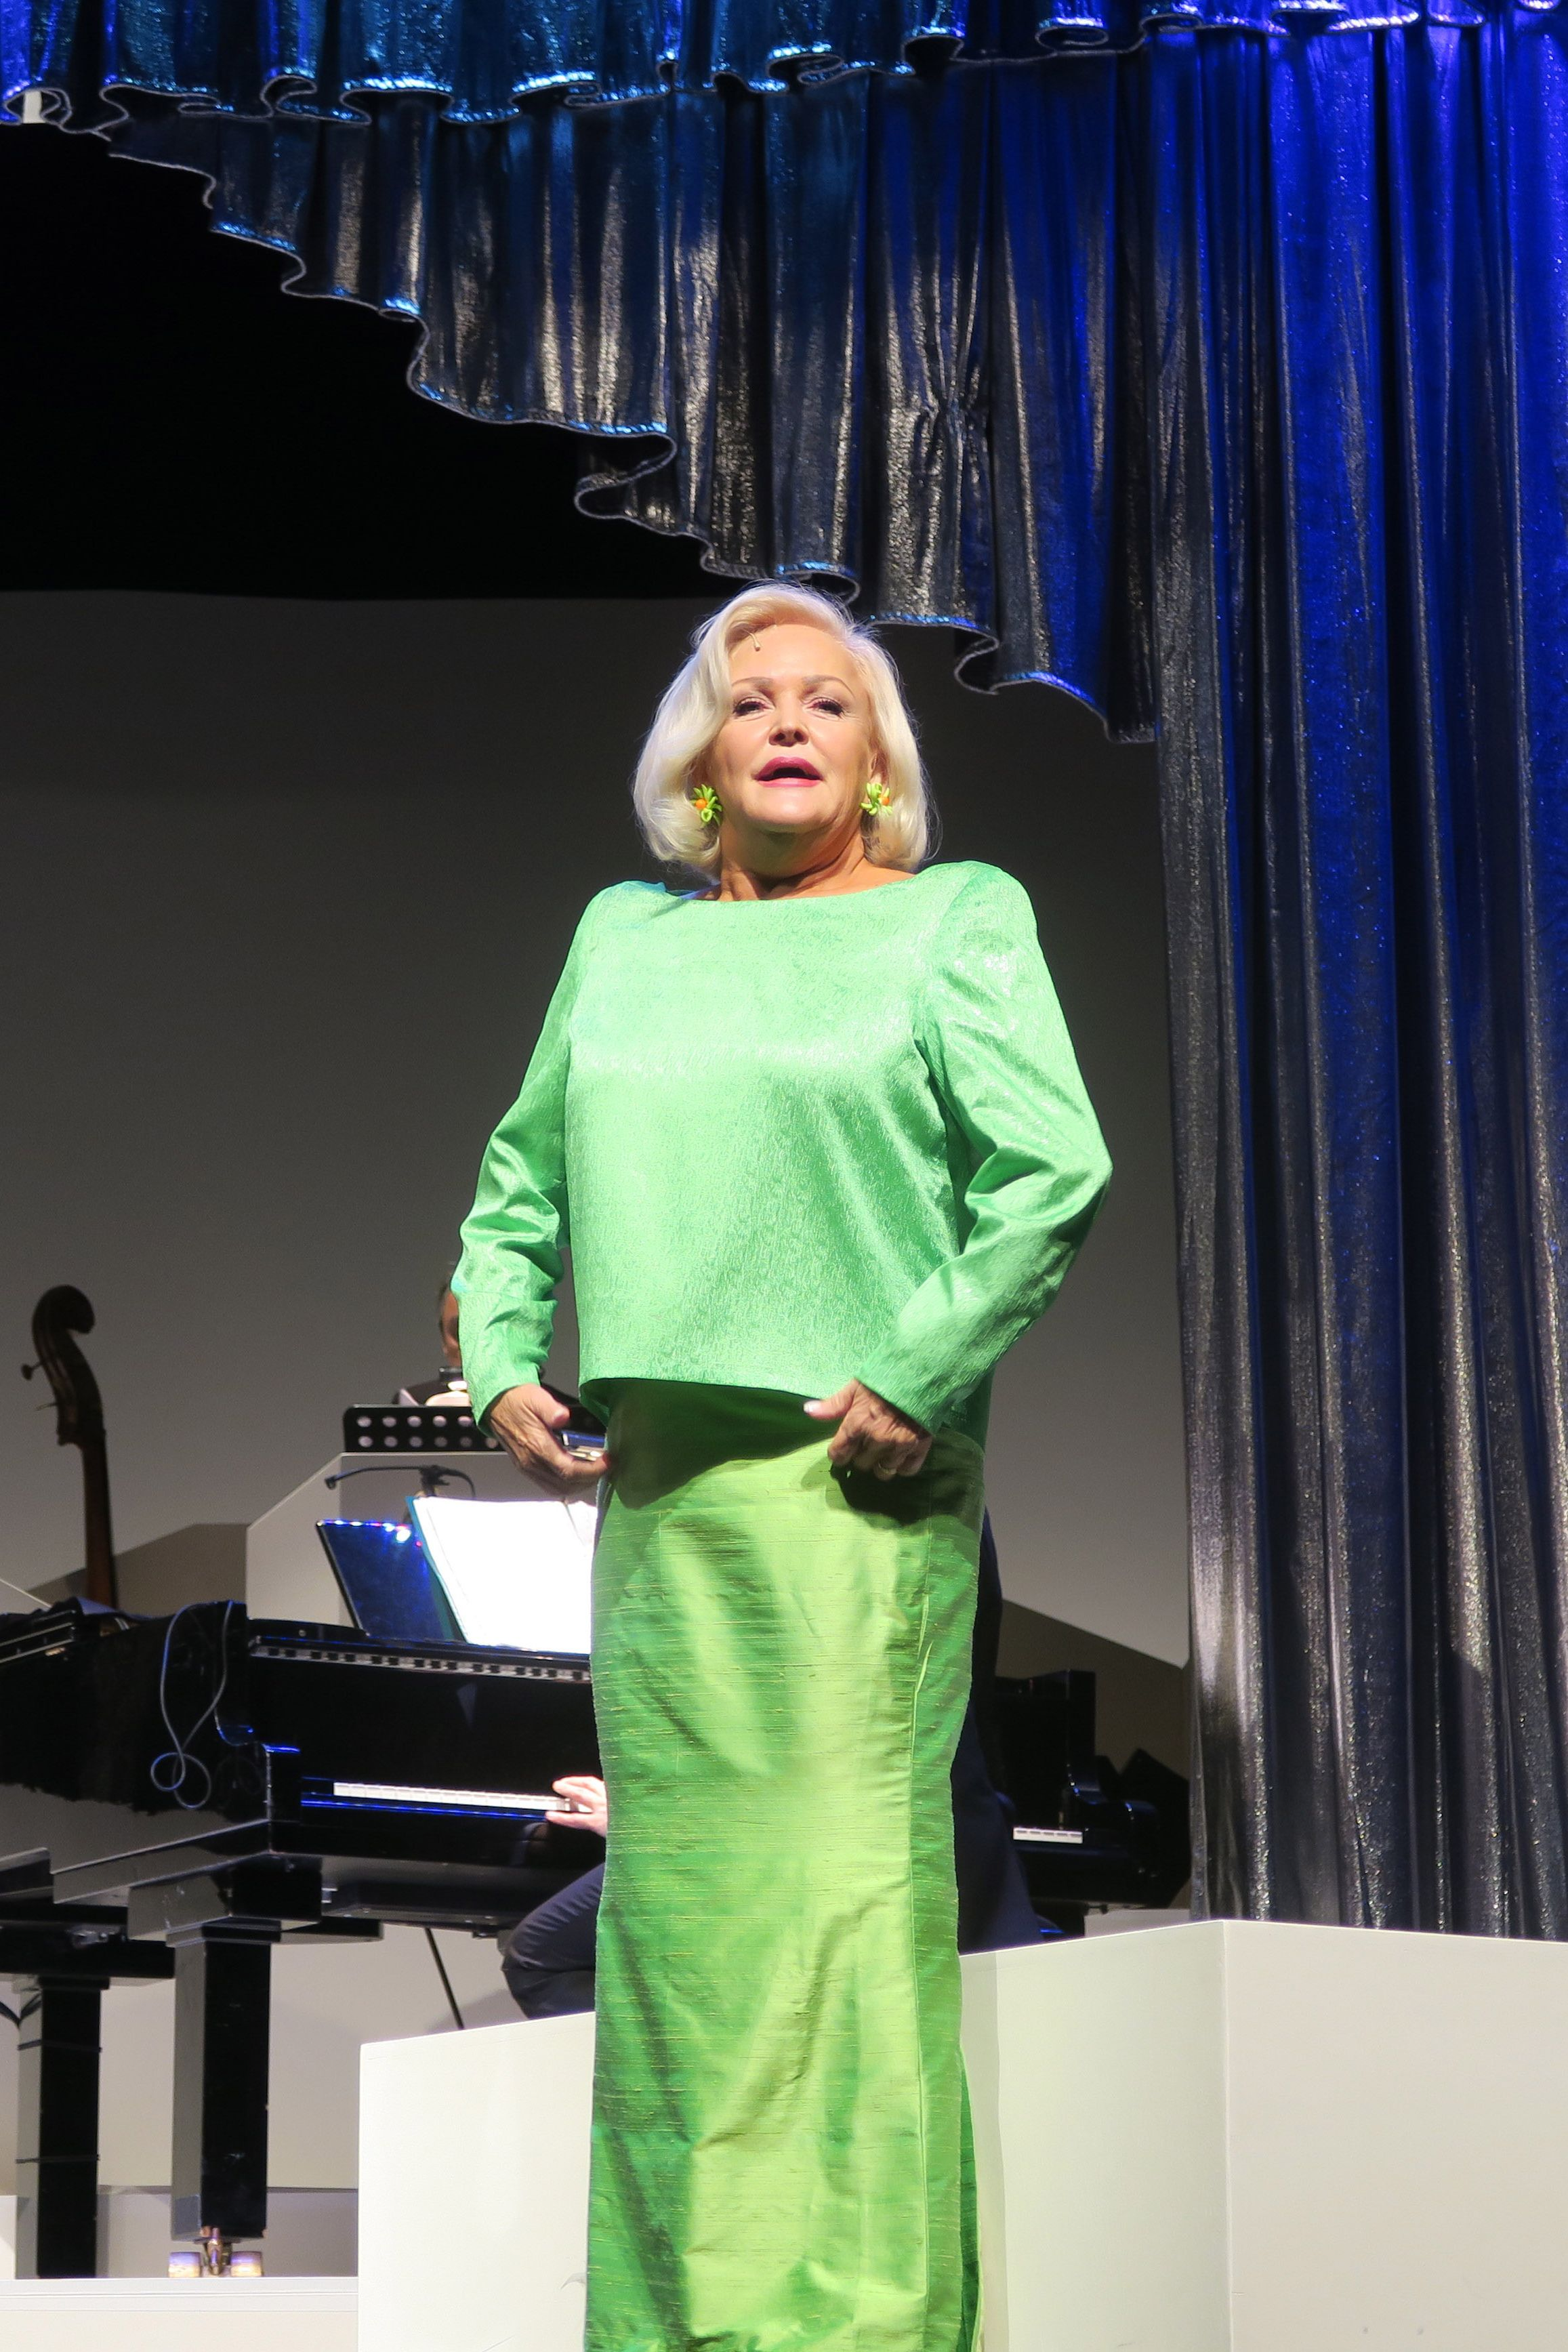 Sängerin Angelika Milster (DorisDay) aufgenommen bei Proben zu dem Musicaldrama Doris Day Day By Day im Schlosspark Theater in Berlin Steglitz. Regie führt Holger Hauer